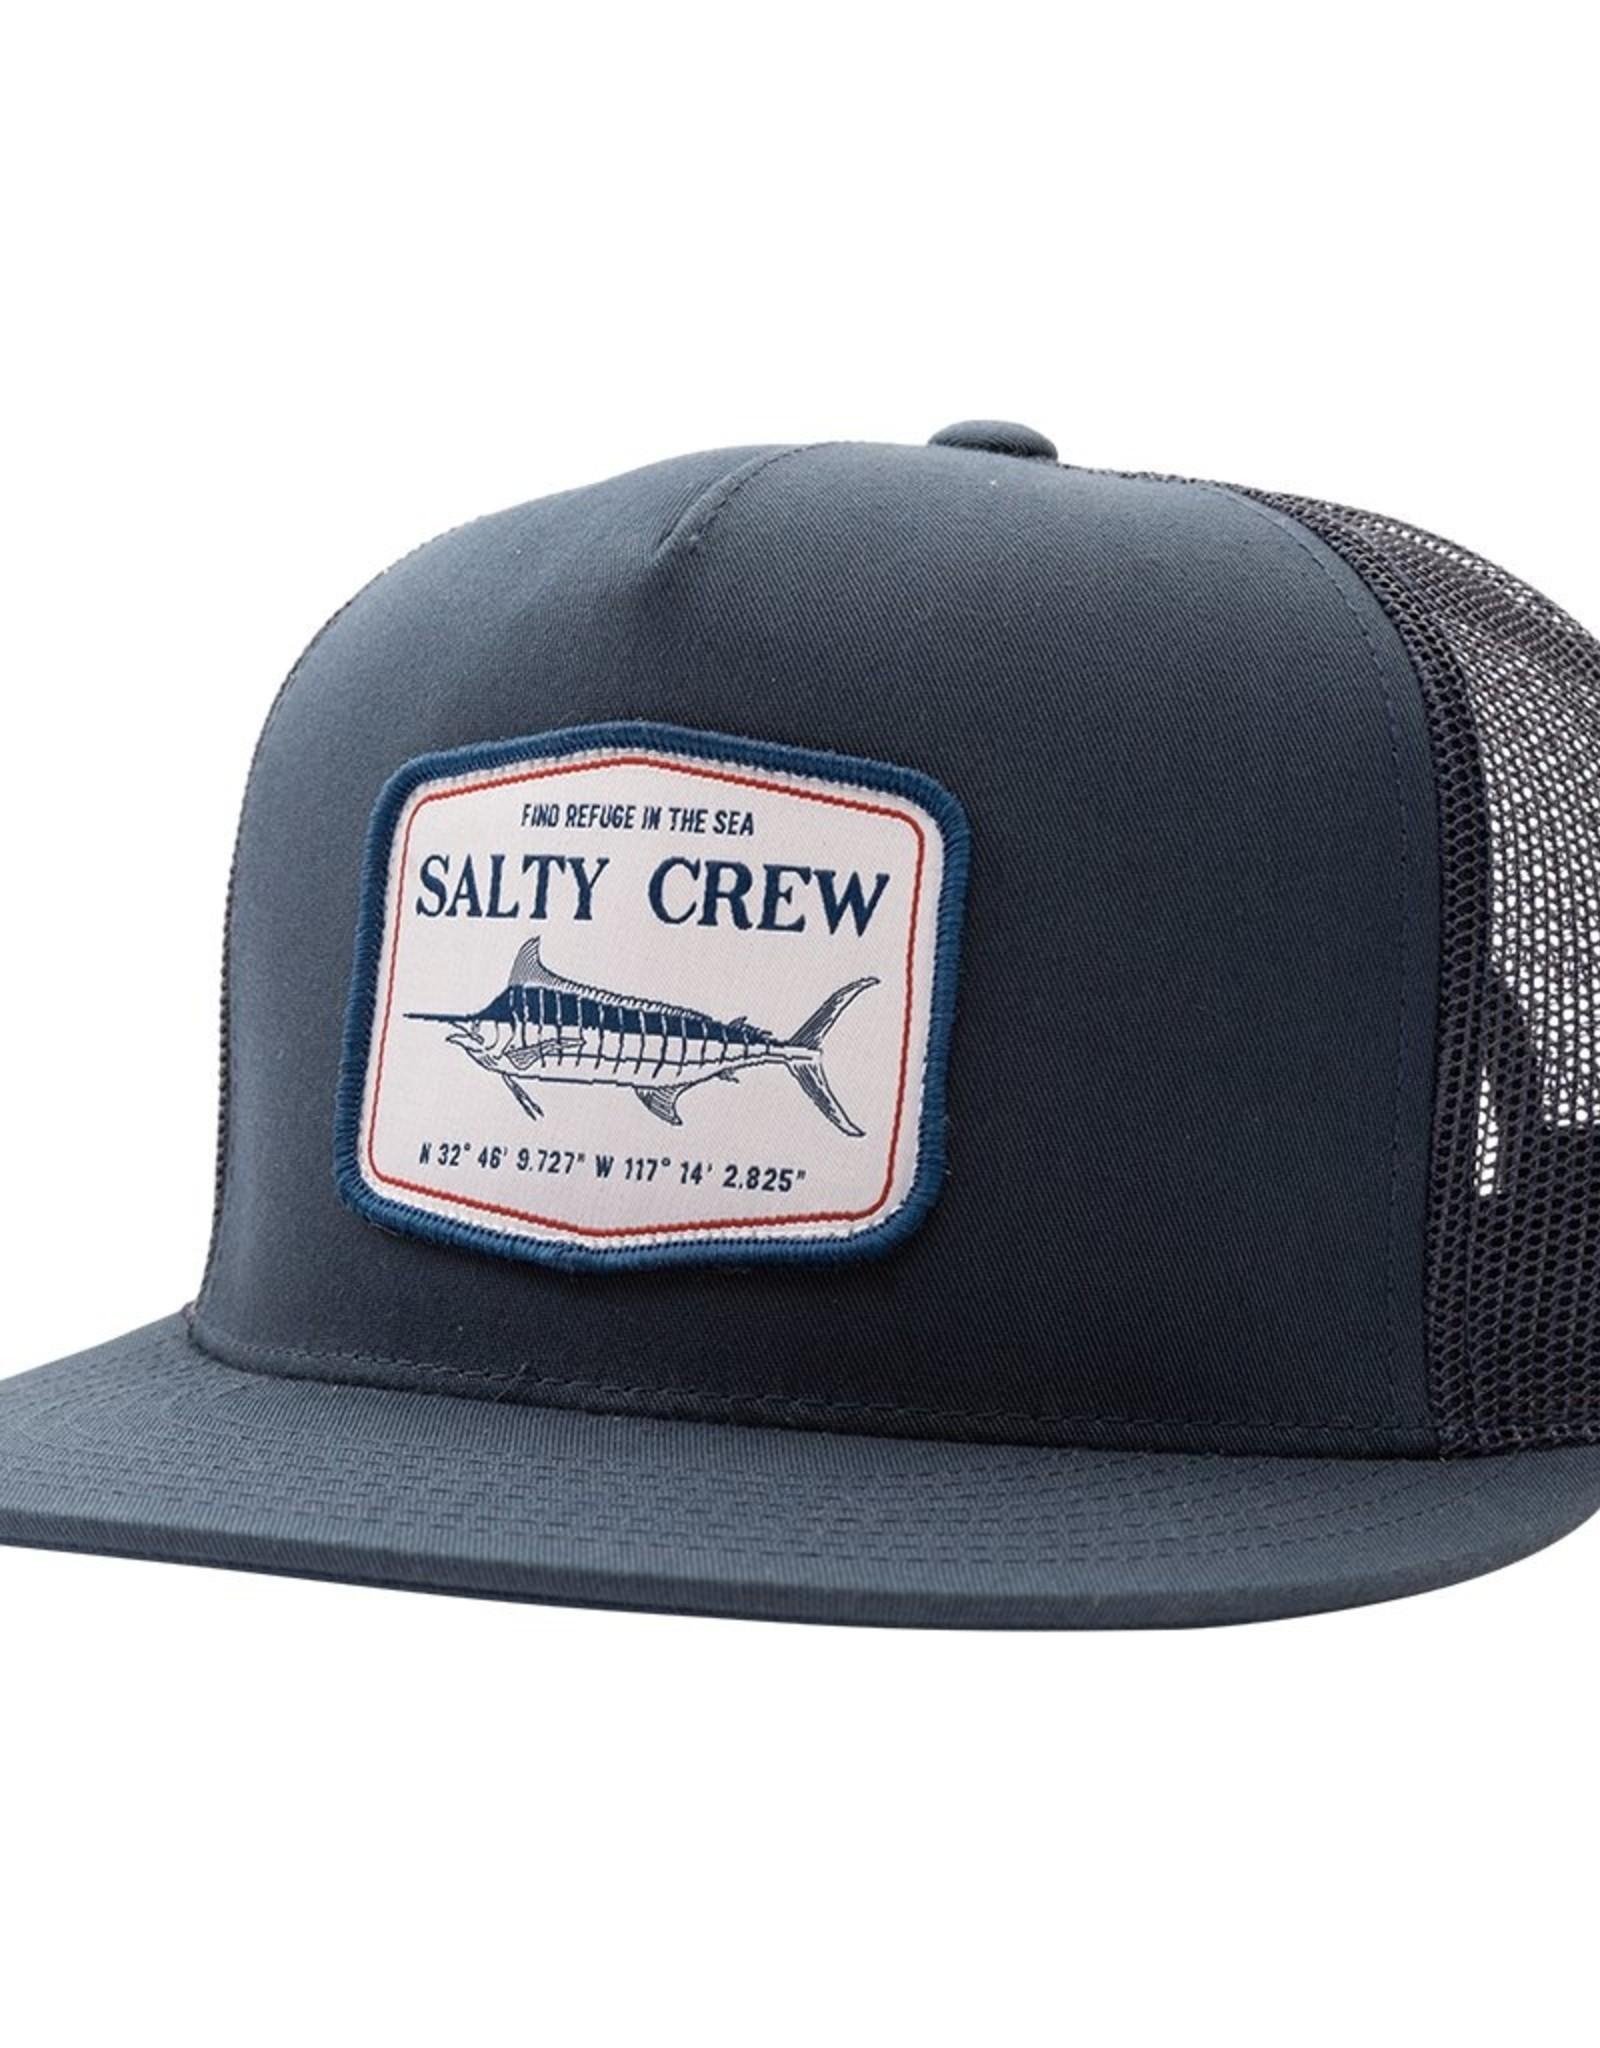 Salty Crew Stealth Trucker